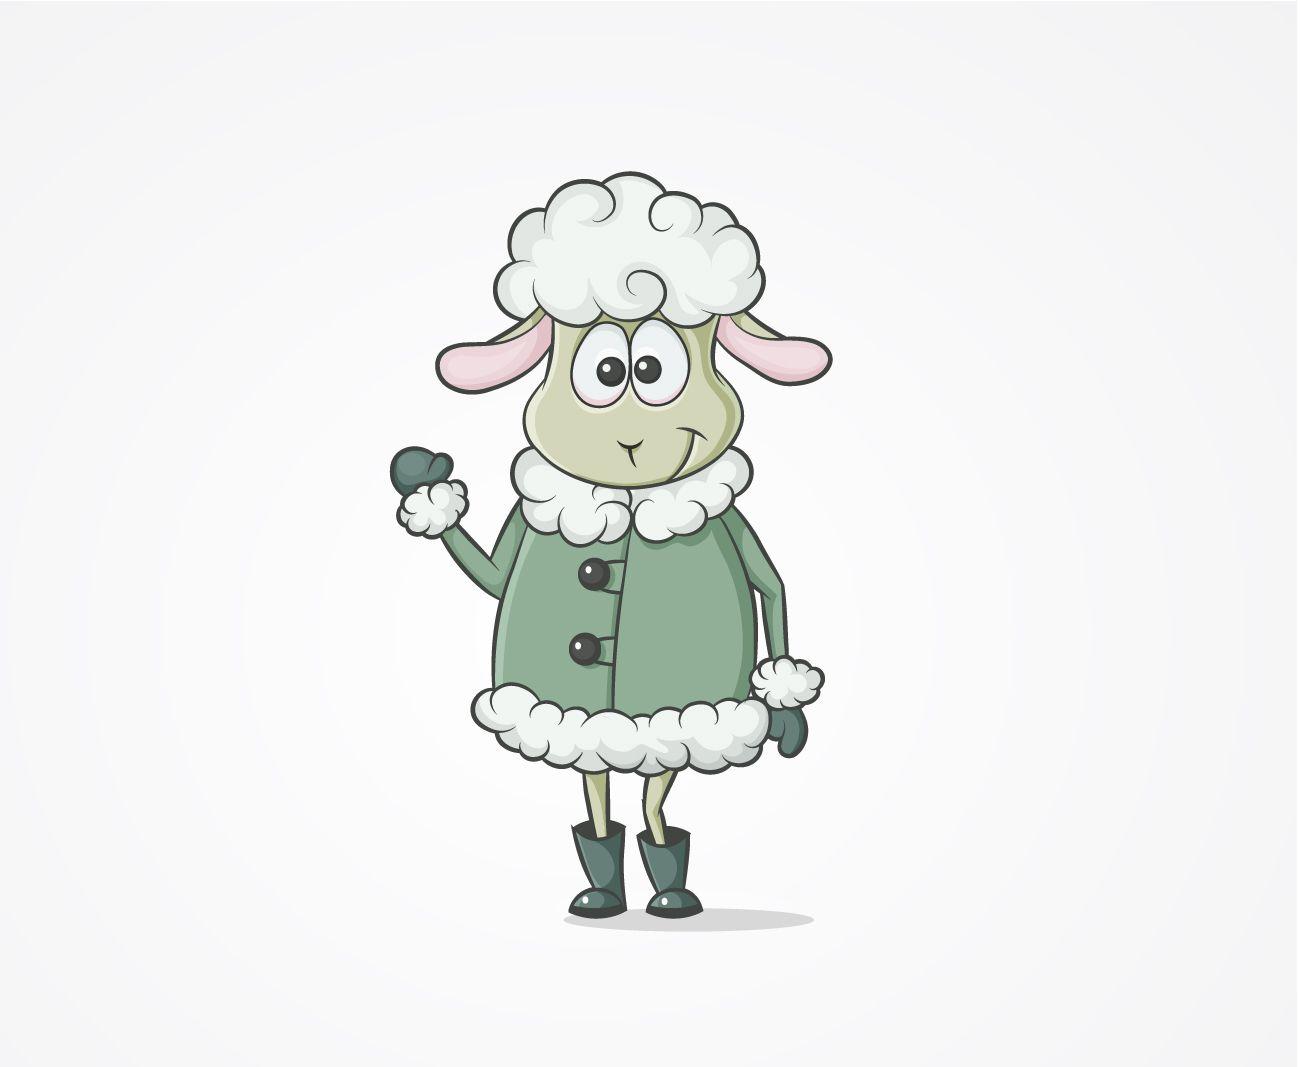 Иллюстрация персонажа - дизайнер Kov-veronika